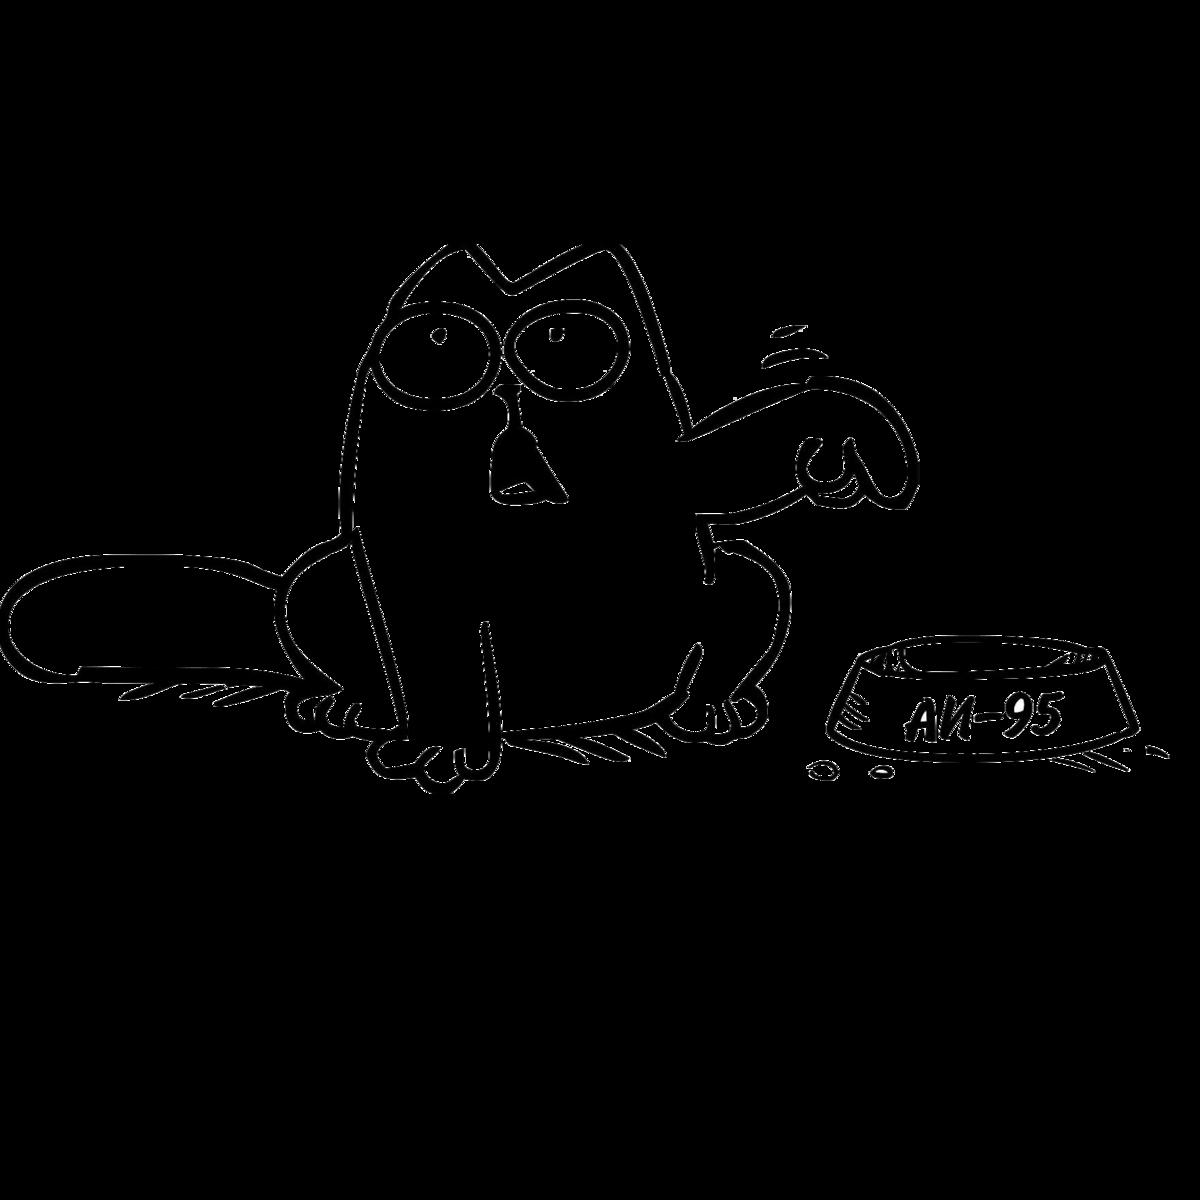 Прикольные черно белые картинки для рисования